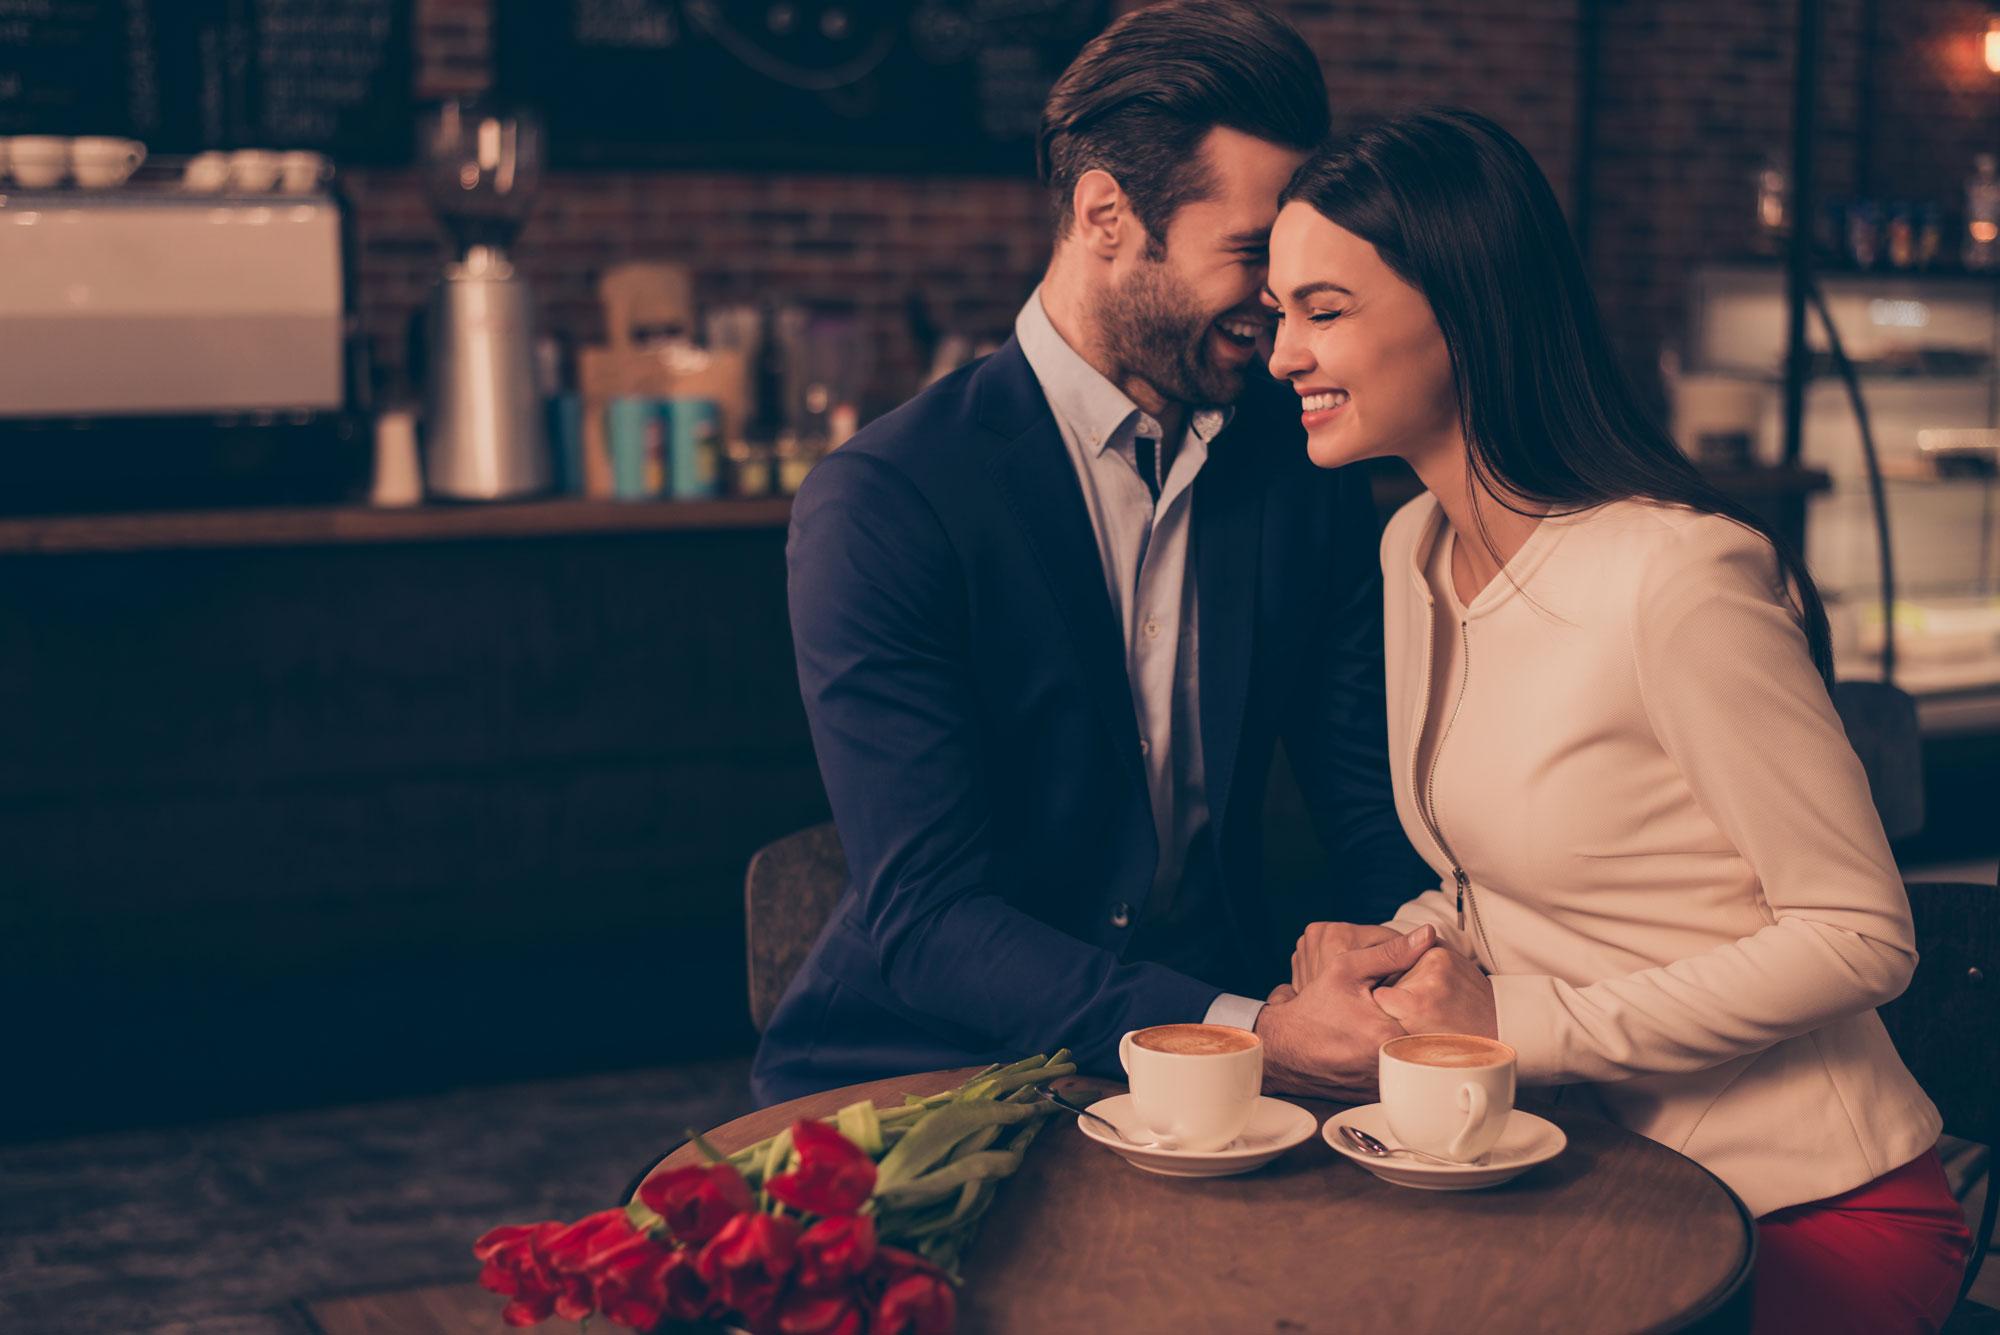 Dating (chodit s nkm) - Jazykov kola LITE